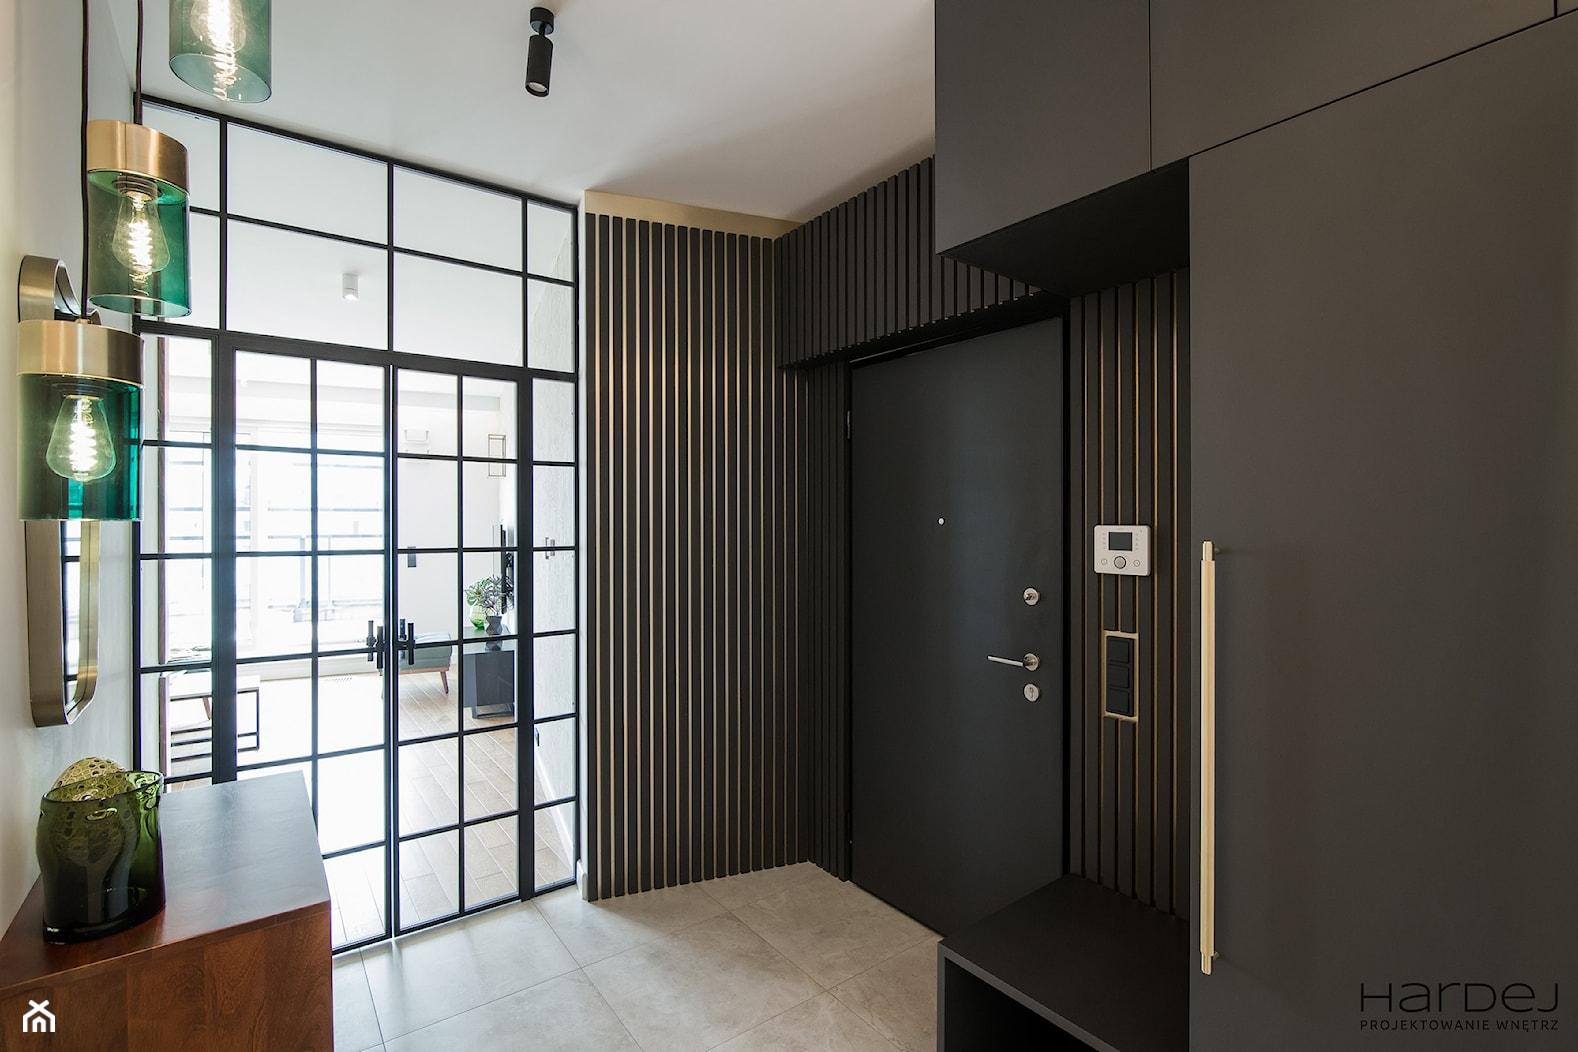 Hol z ciemną szafą, pawlaczem i ciemnymi szczeblami na ścianie - zdjęcie od Monika Hardej Architekt - Homebook